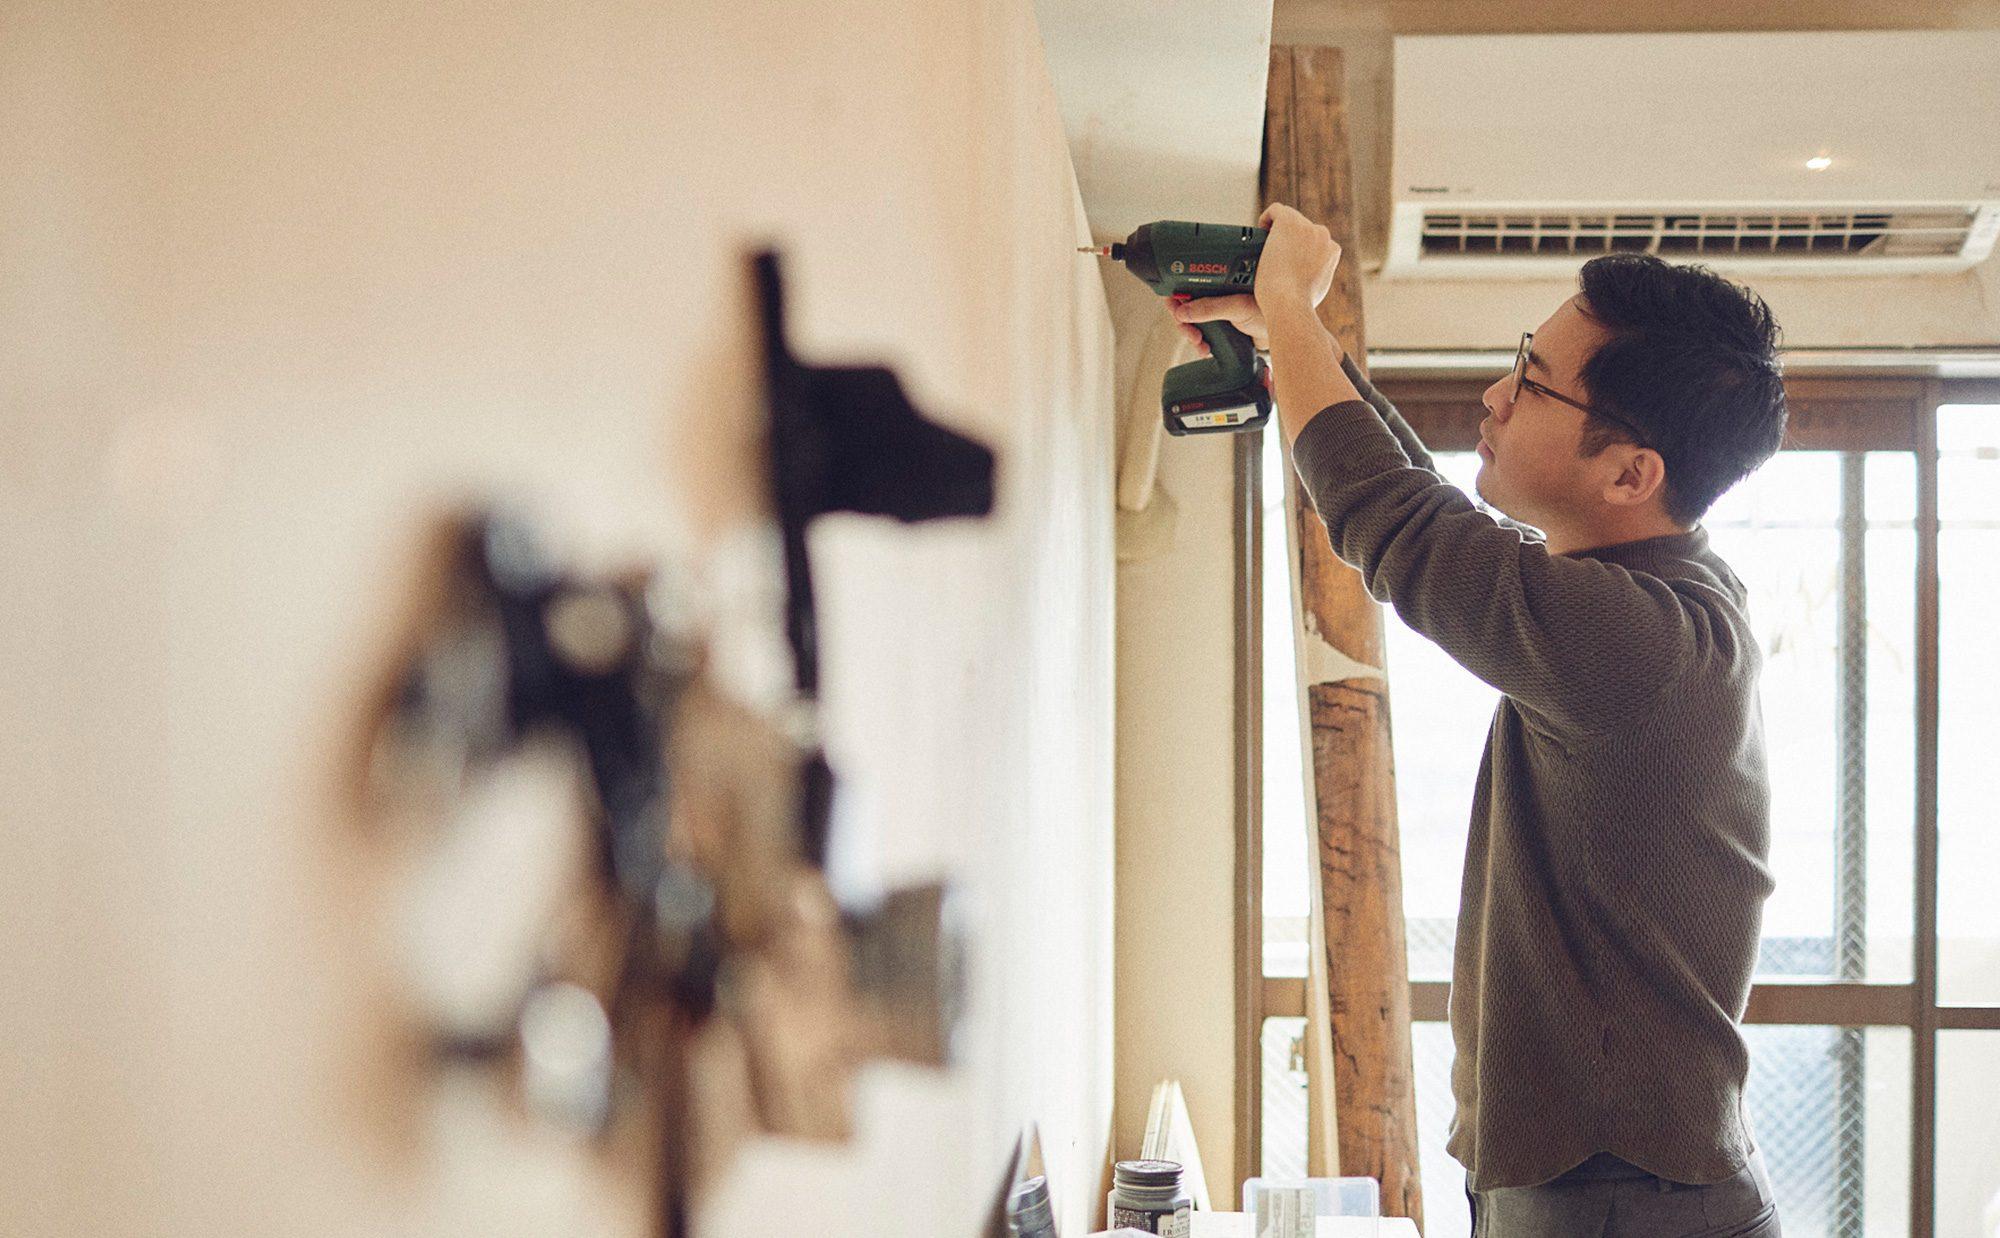 DIYを通じて暮らしと仲間をつくる。コレクティブハウスに住む理由